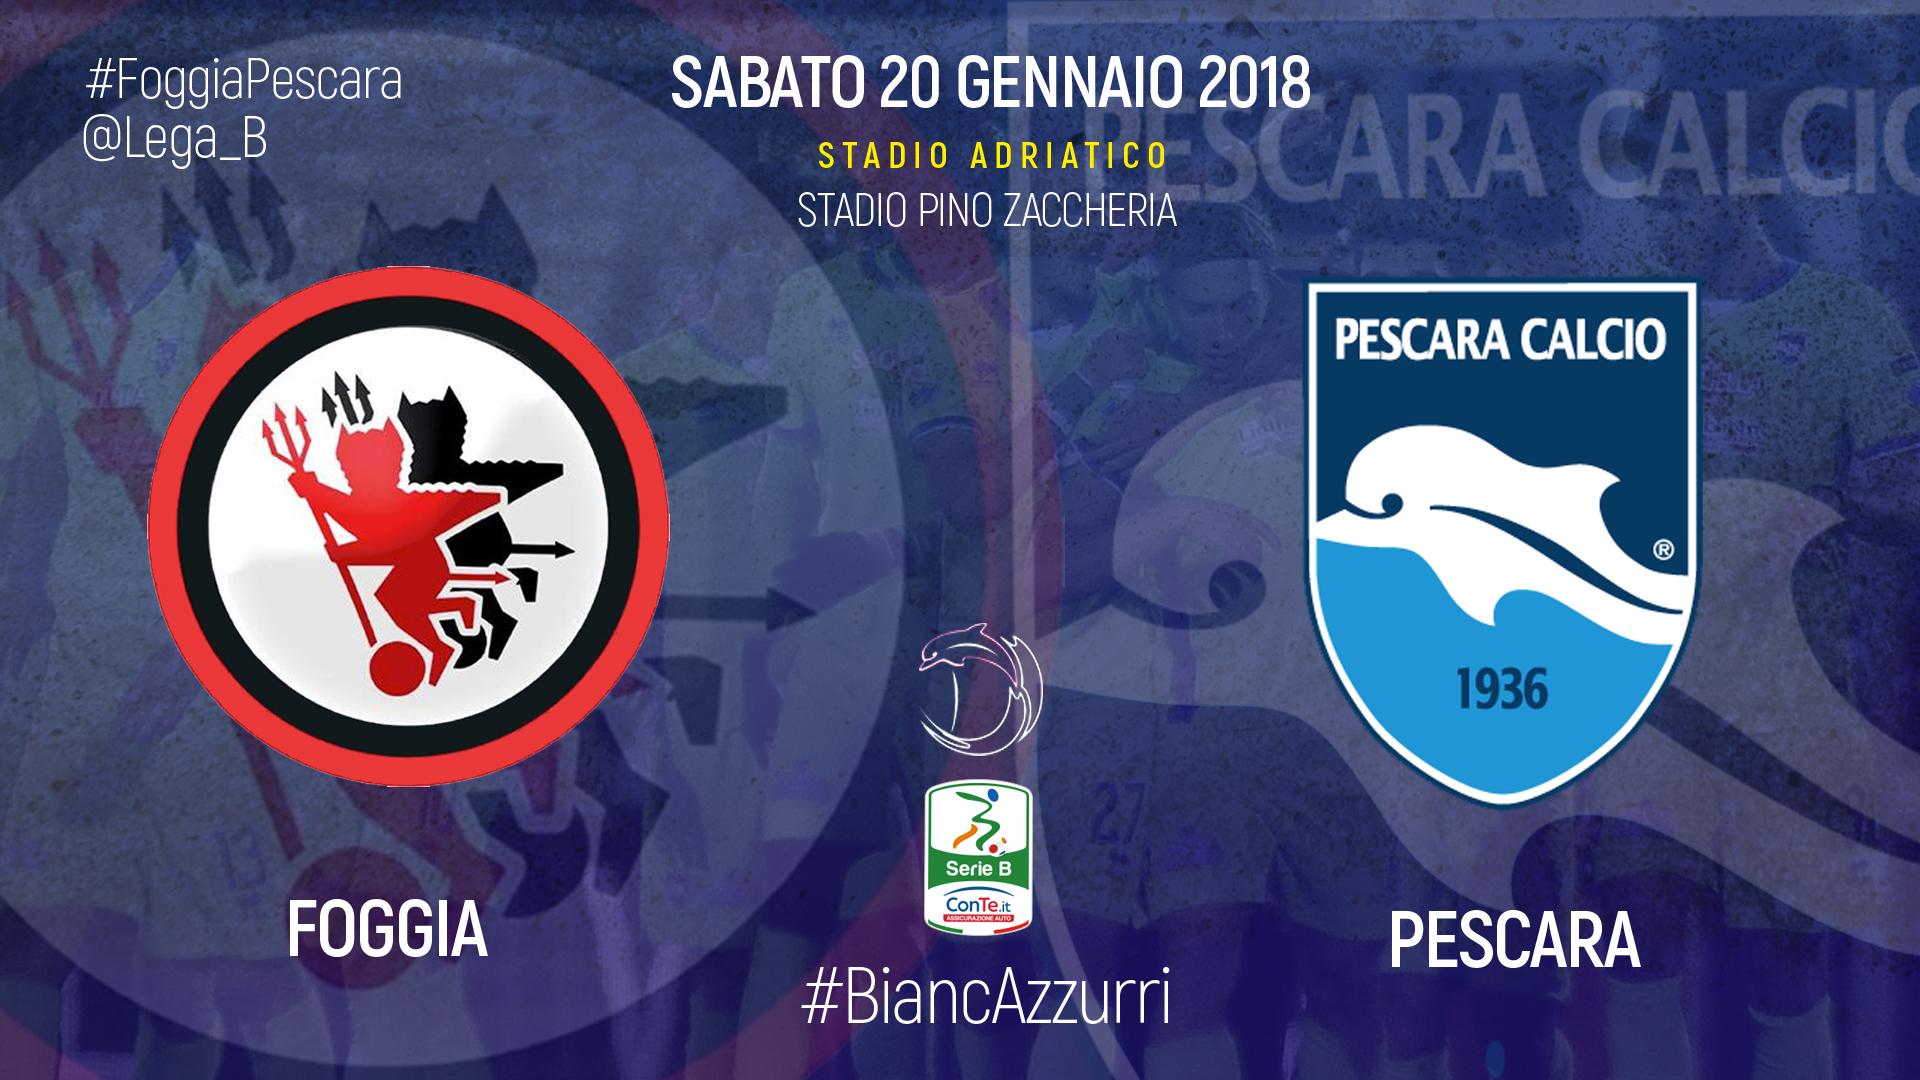 Info biglietti #FoggiaPescara #FOGPES @Lega_B  PESCARA Calcio 1936